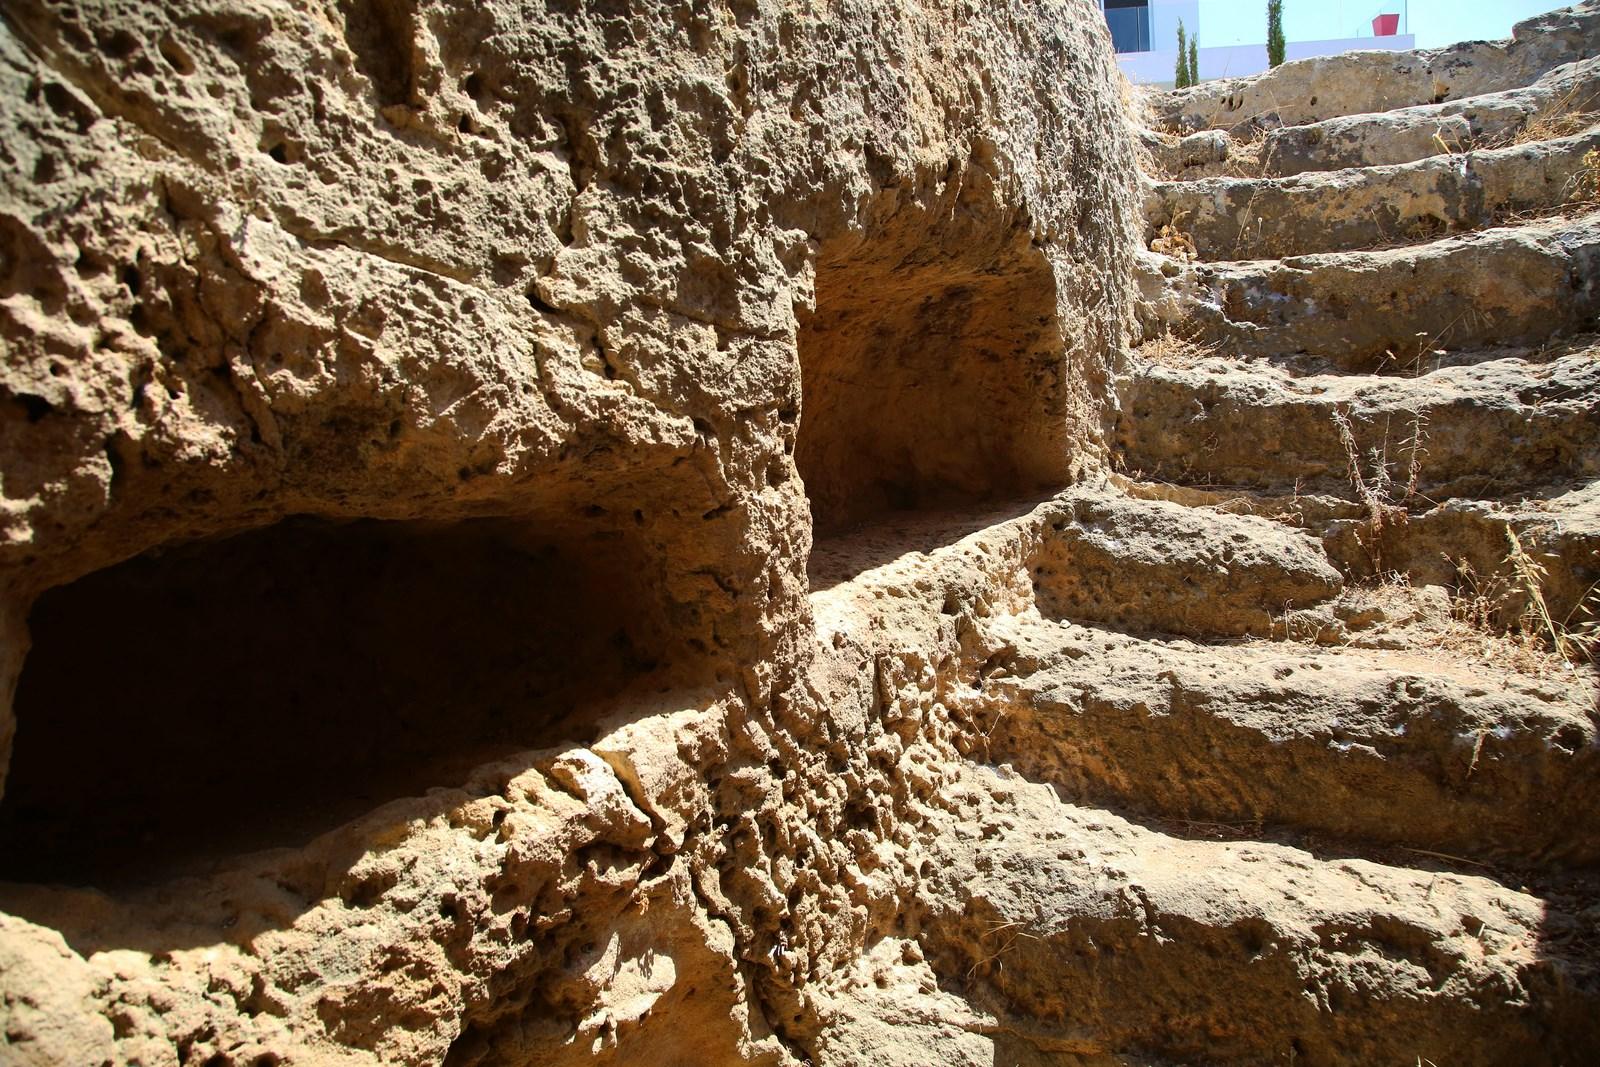 #Αρχαιολογικός χώρος Μελέτη